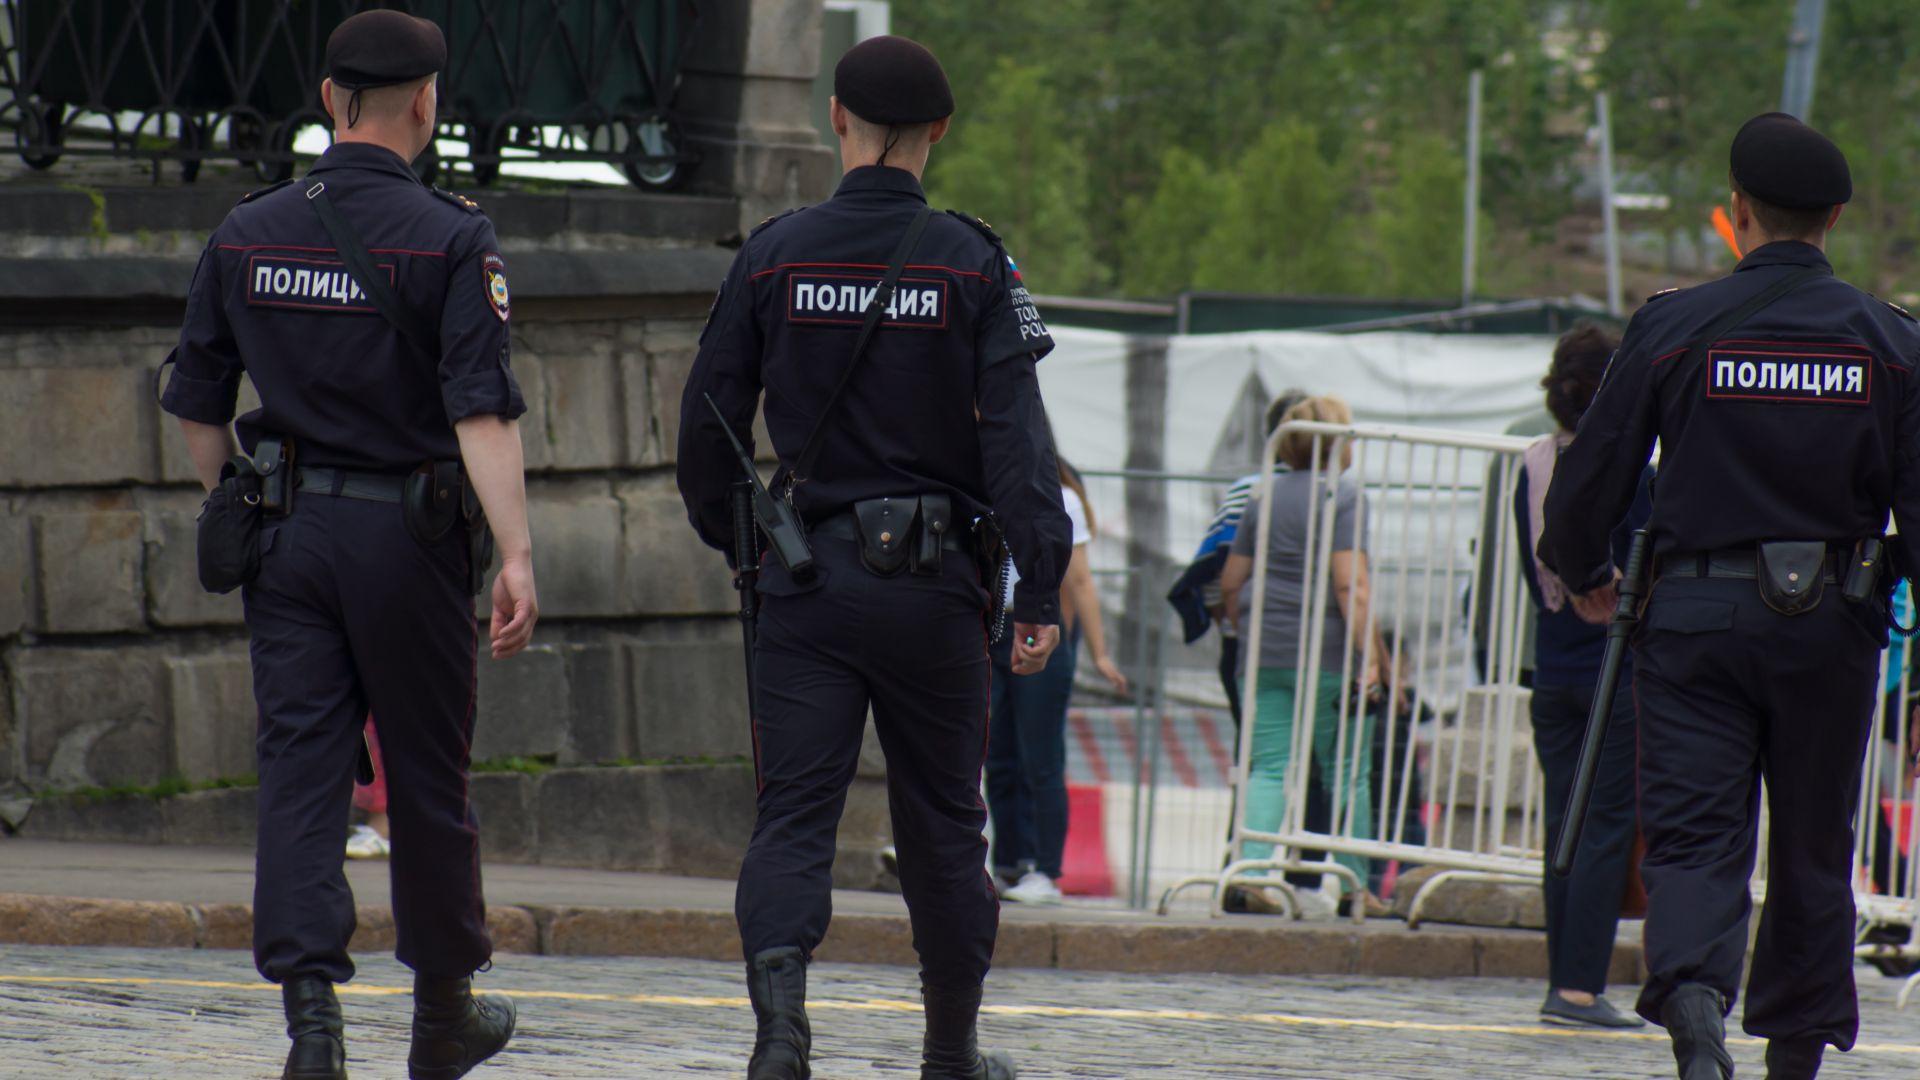 Мъж стреля по спецполицаи в центъра на Москва